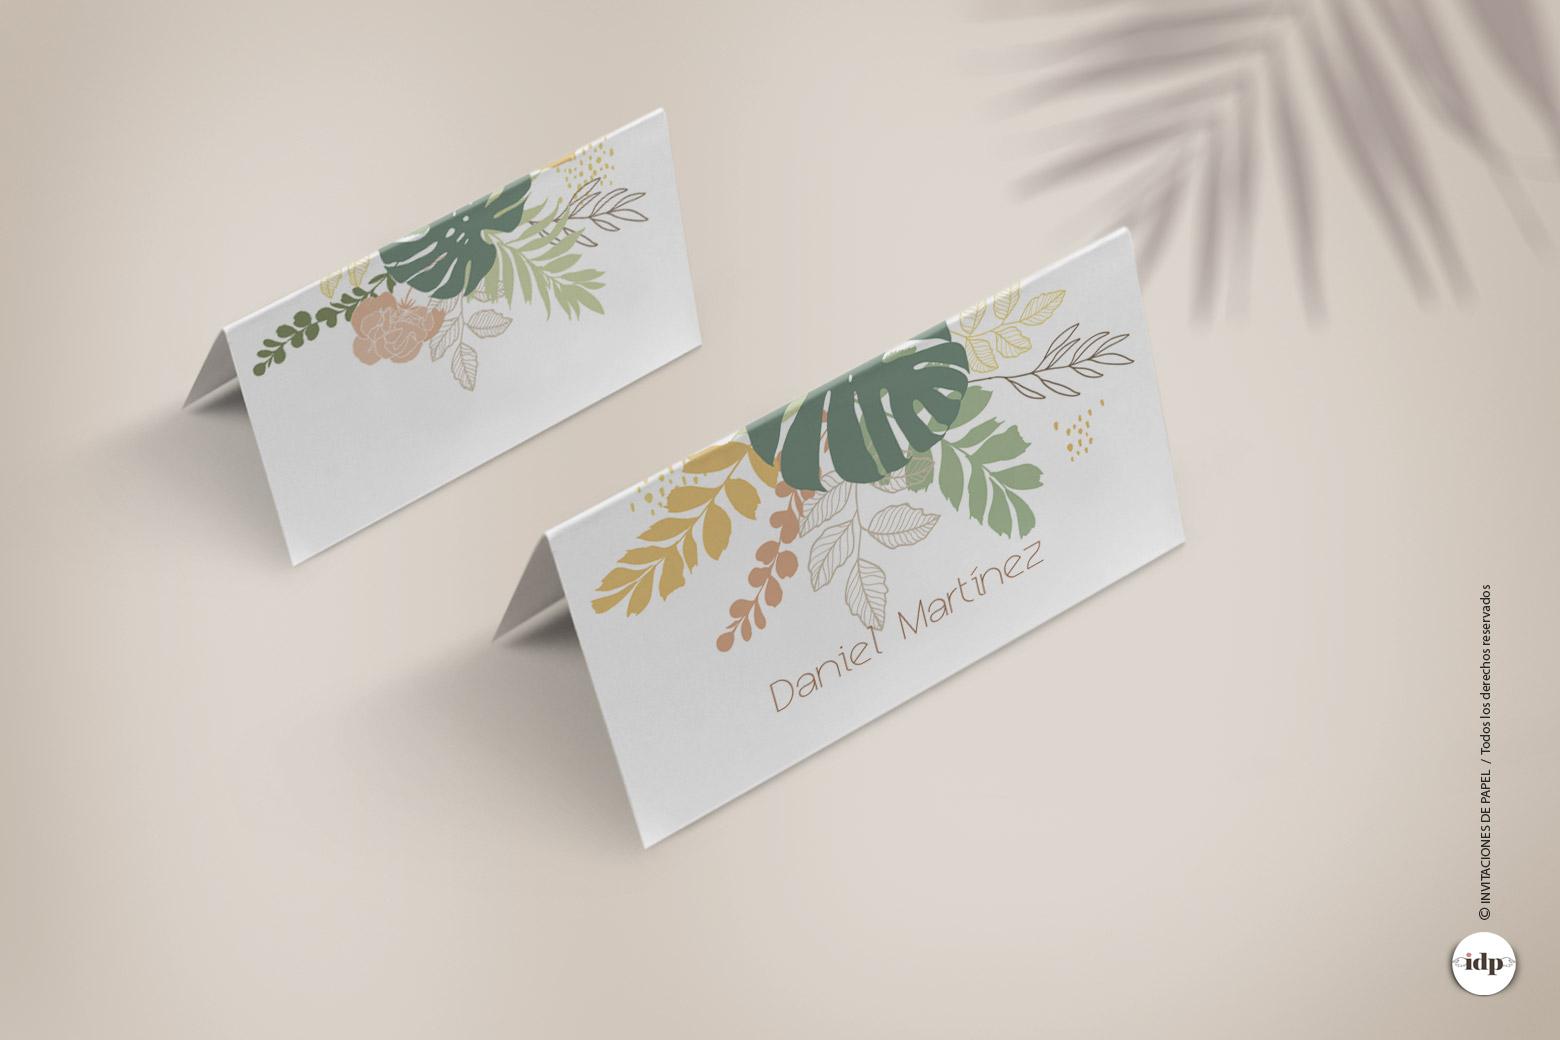 Puestos de Mesa de Boda o Marcasitios de estilo Tropical - amazonas